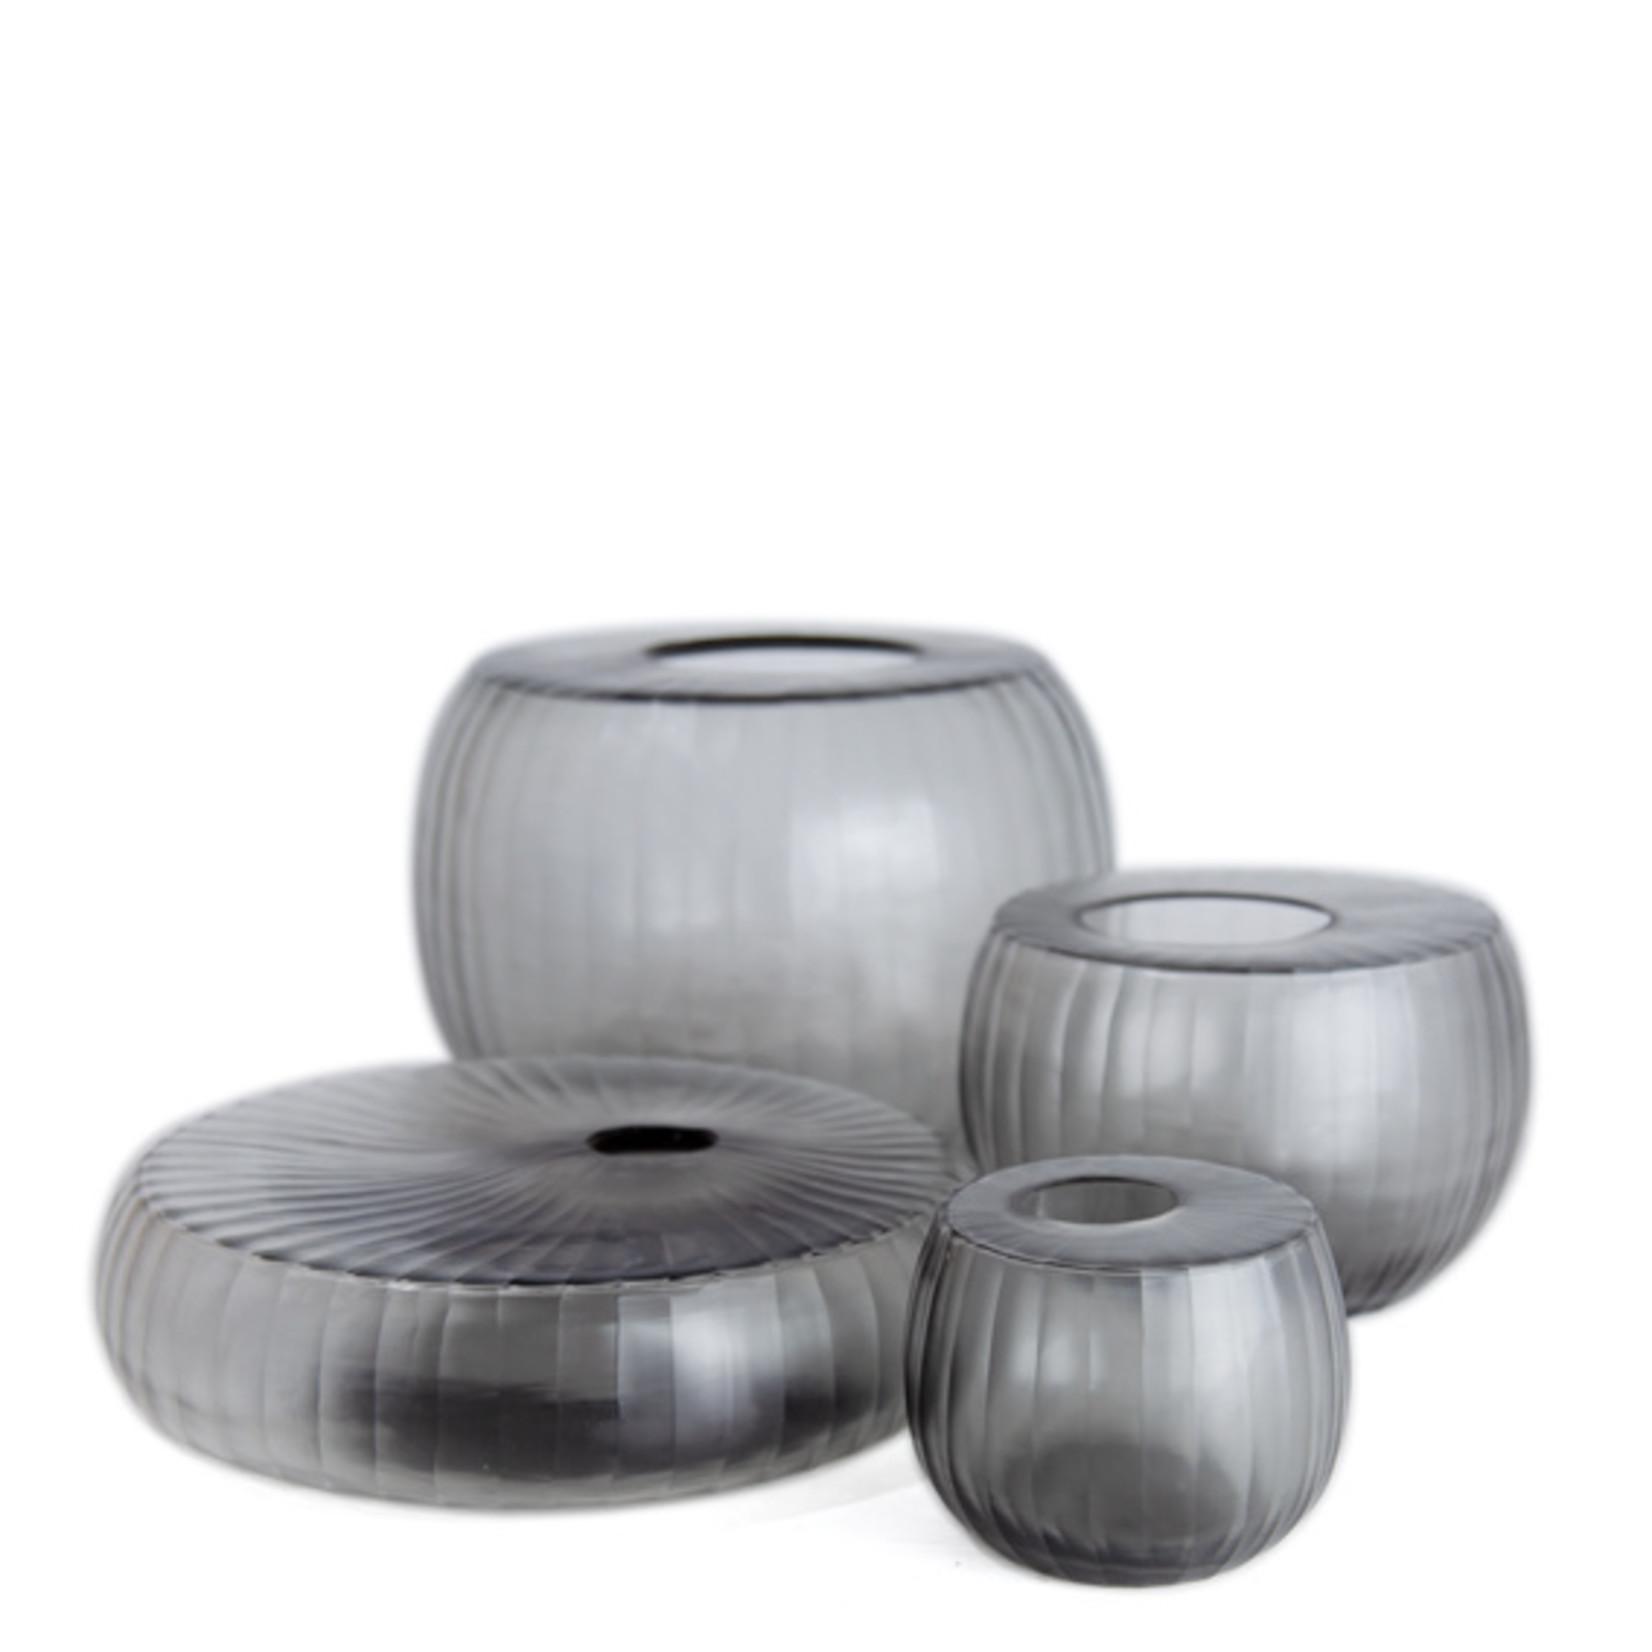 Guaxs Vaas Madras L | Grey